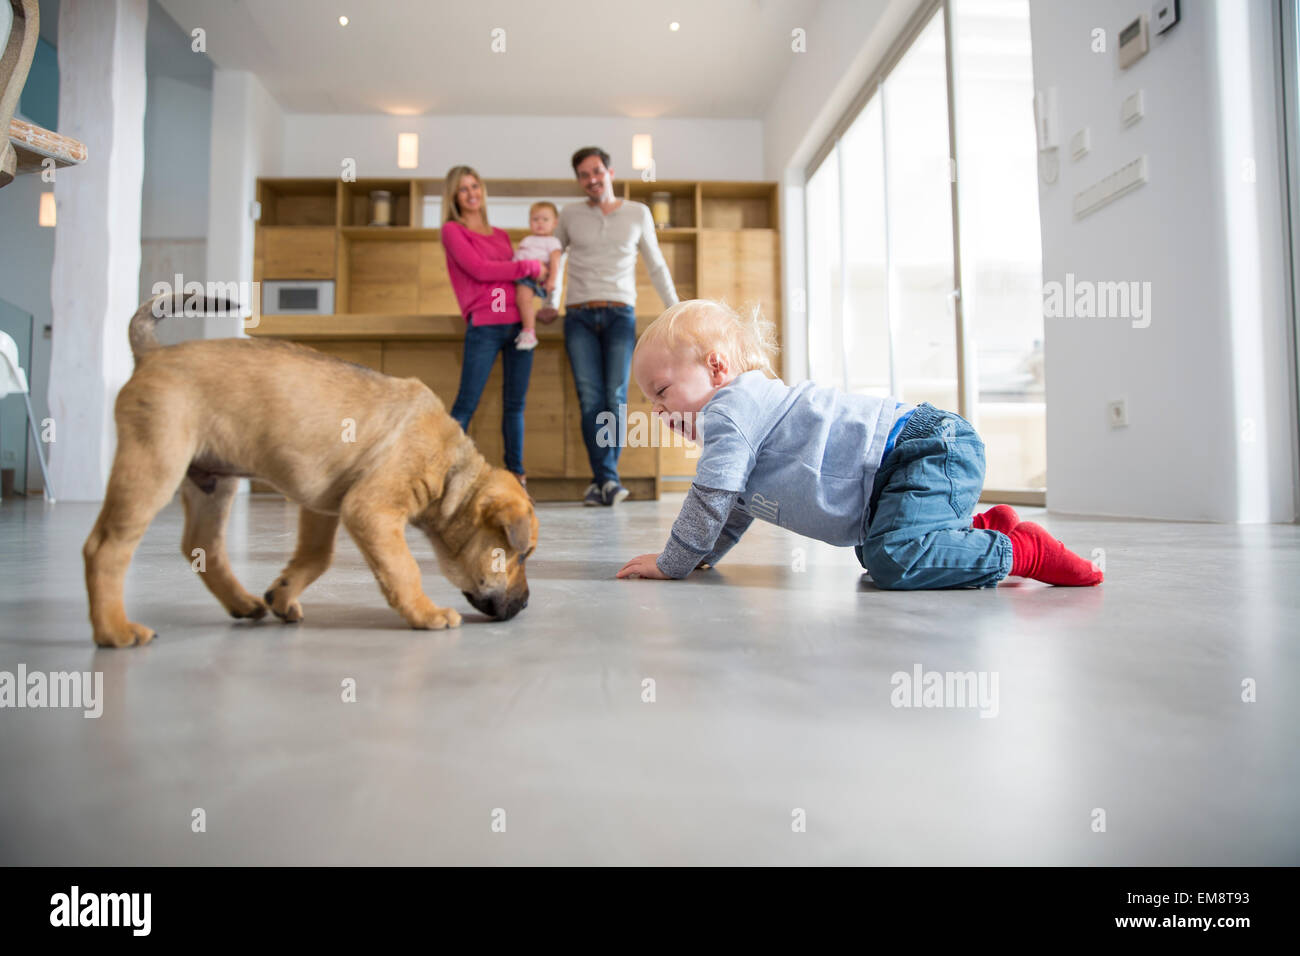 Andar jugando con cachorro macho en Comedor planta baja Foto de stock